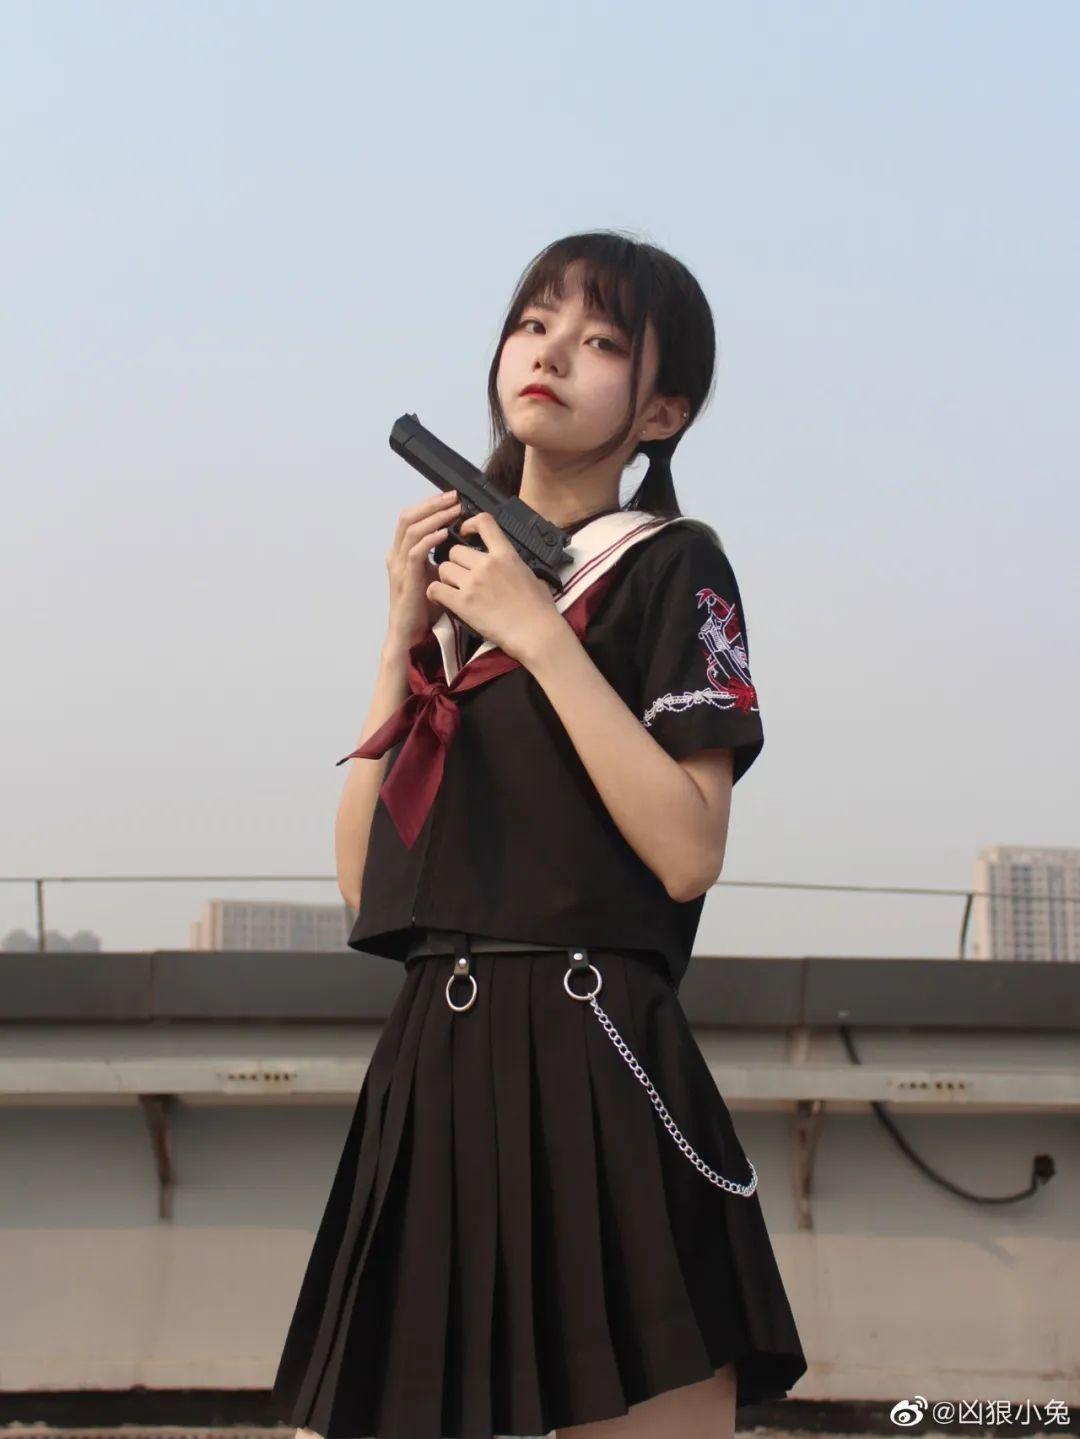 妹子摄影 – JK制服兽耳娘小姐姐+ 双马尾小姐姐_图片 No.8